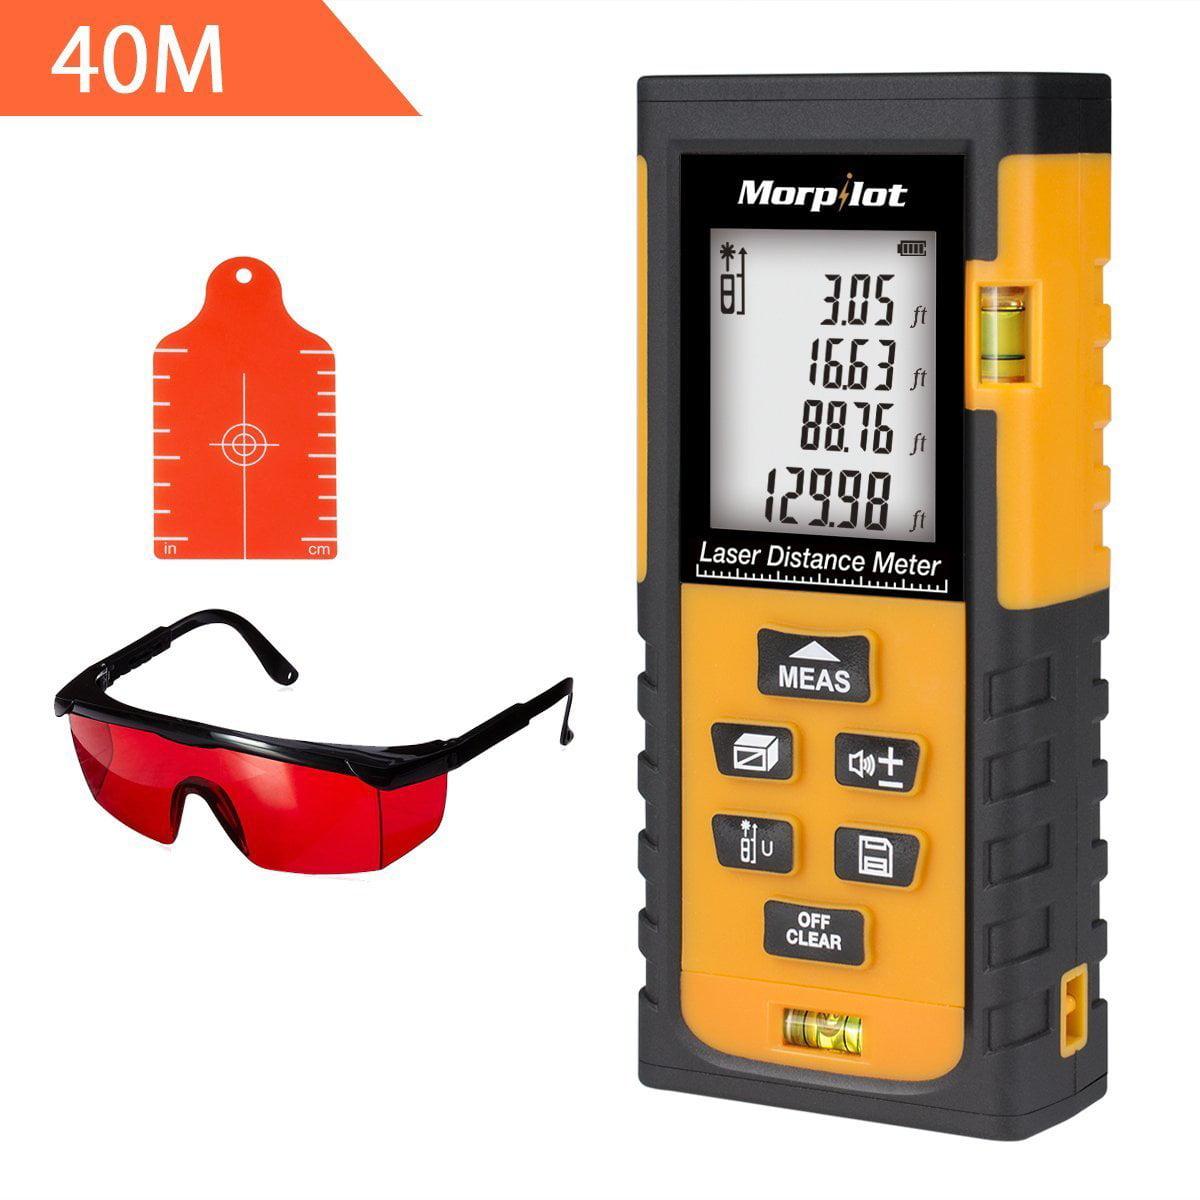 131ft Laser Distance Measurer Morpilot Laser Tape Measure with Target Plate & Enhancing... by